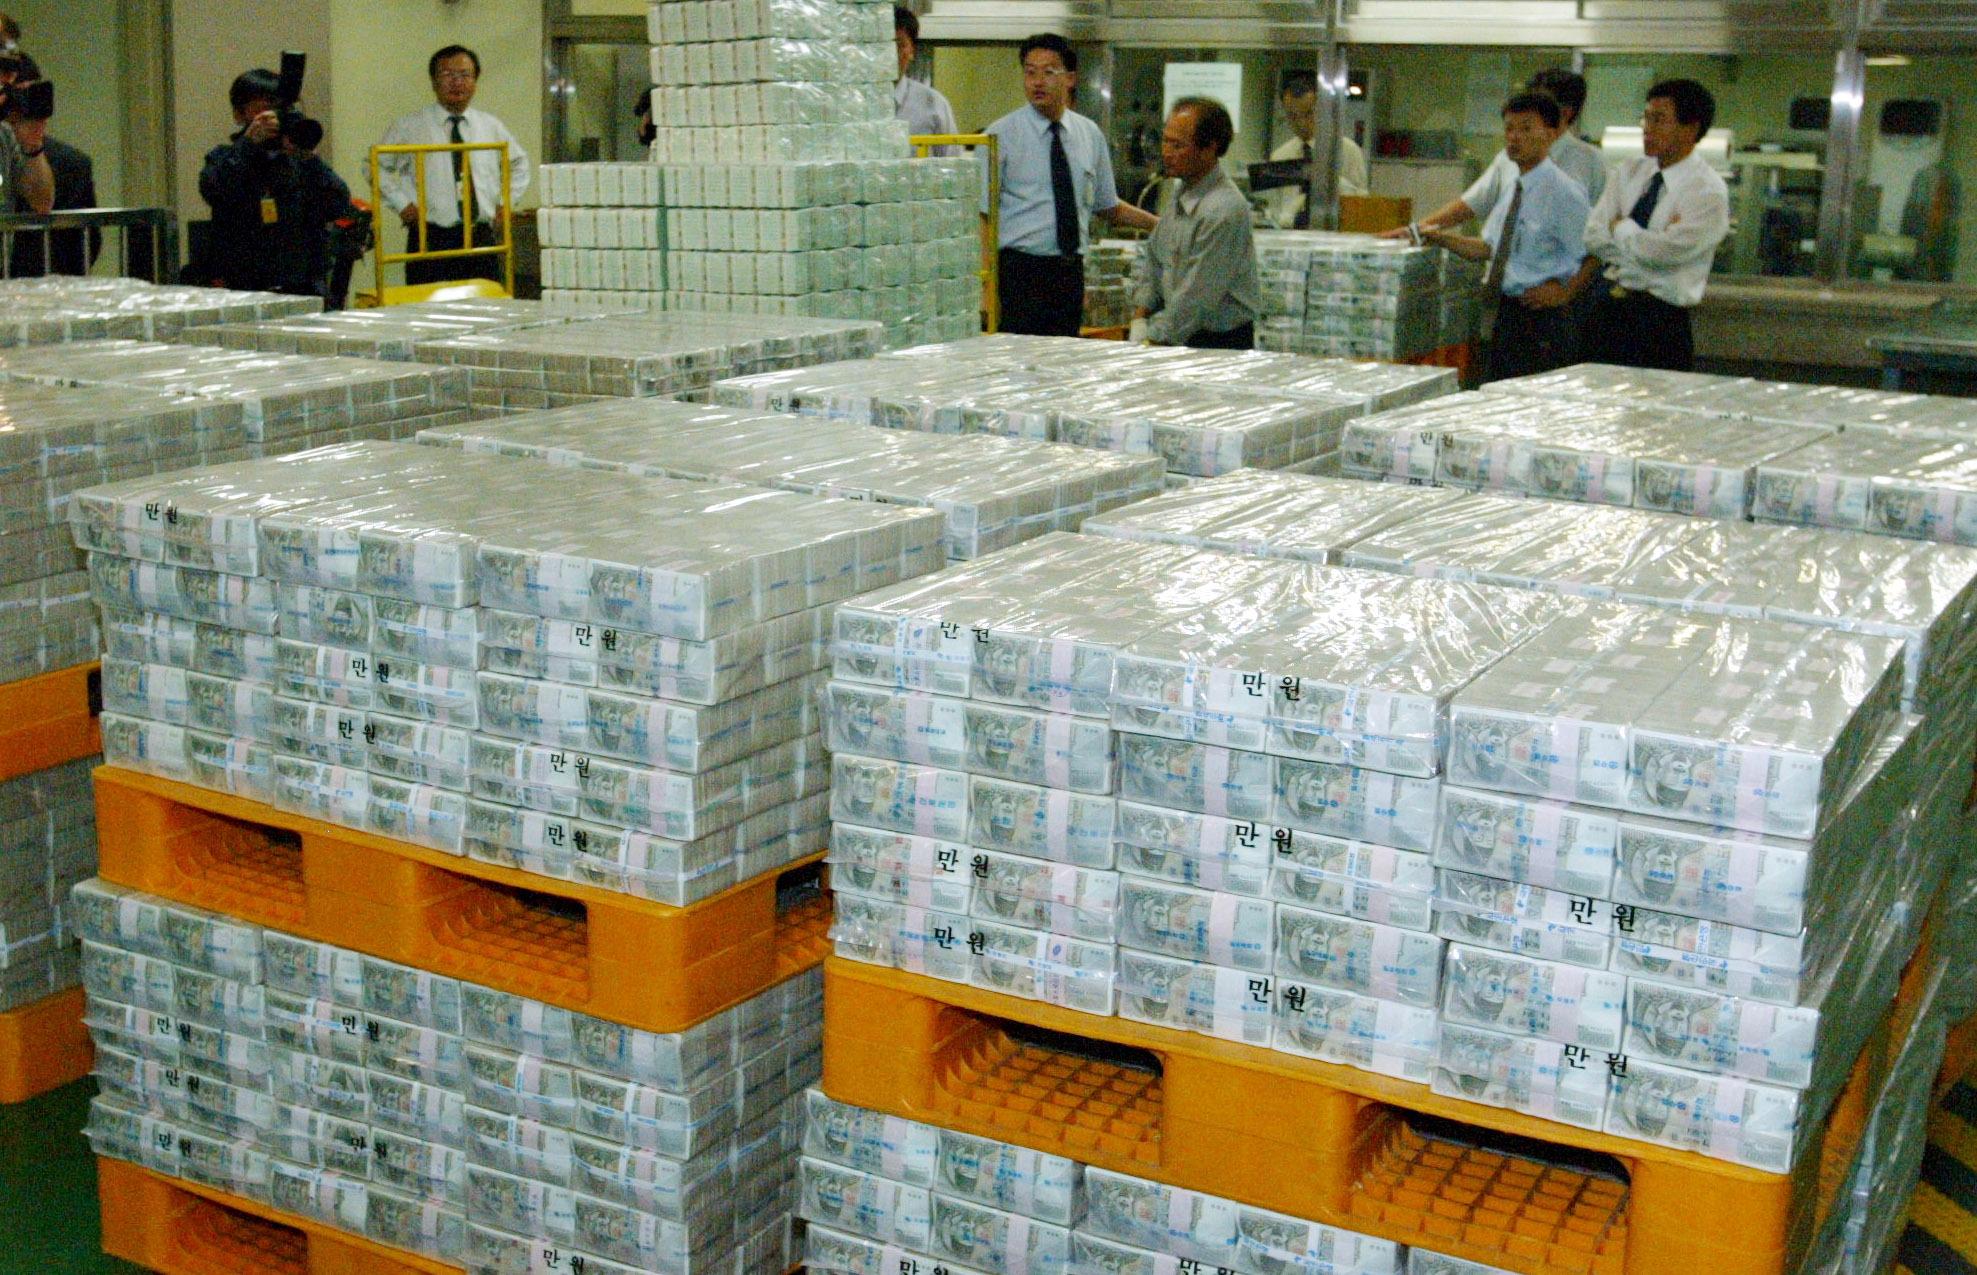 2002년 추석(9월21일)을 앞둔 9월13일 한국은행에서 추석자금이 방출되고 있다.김상선 기자